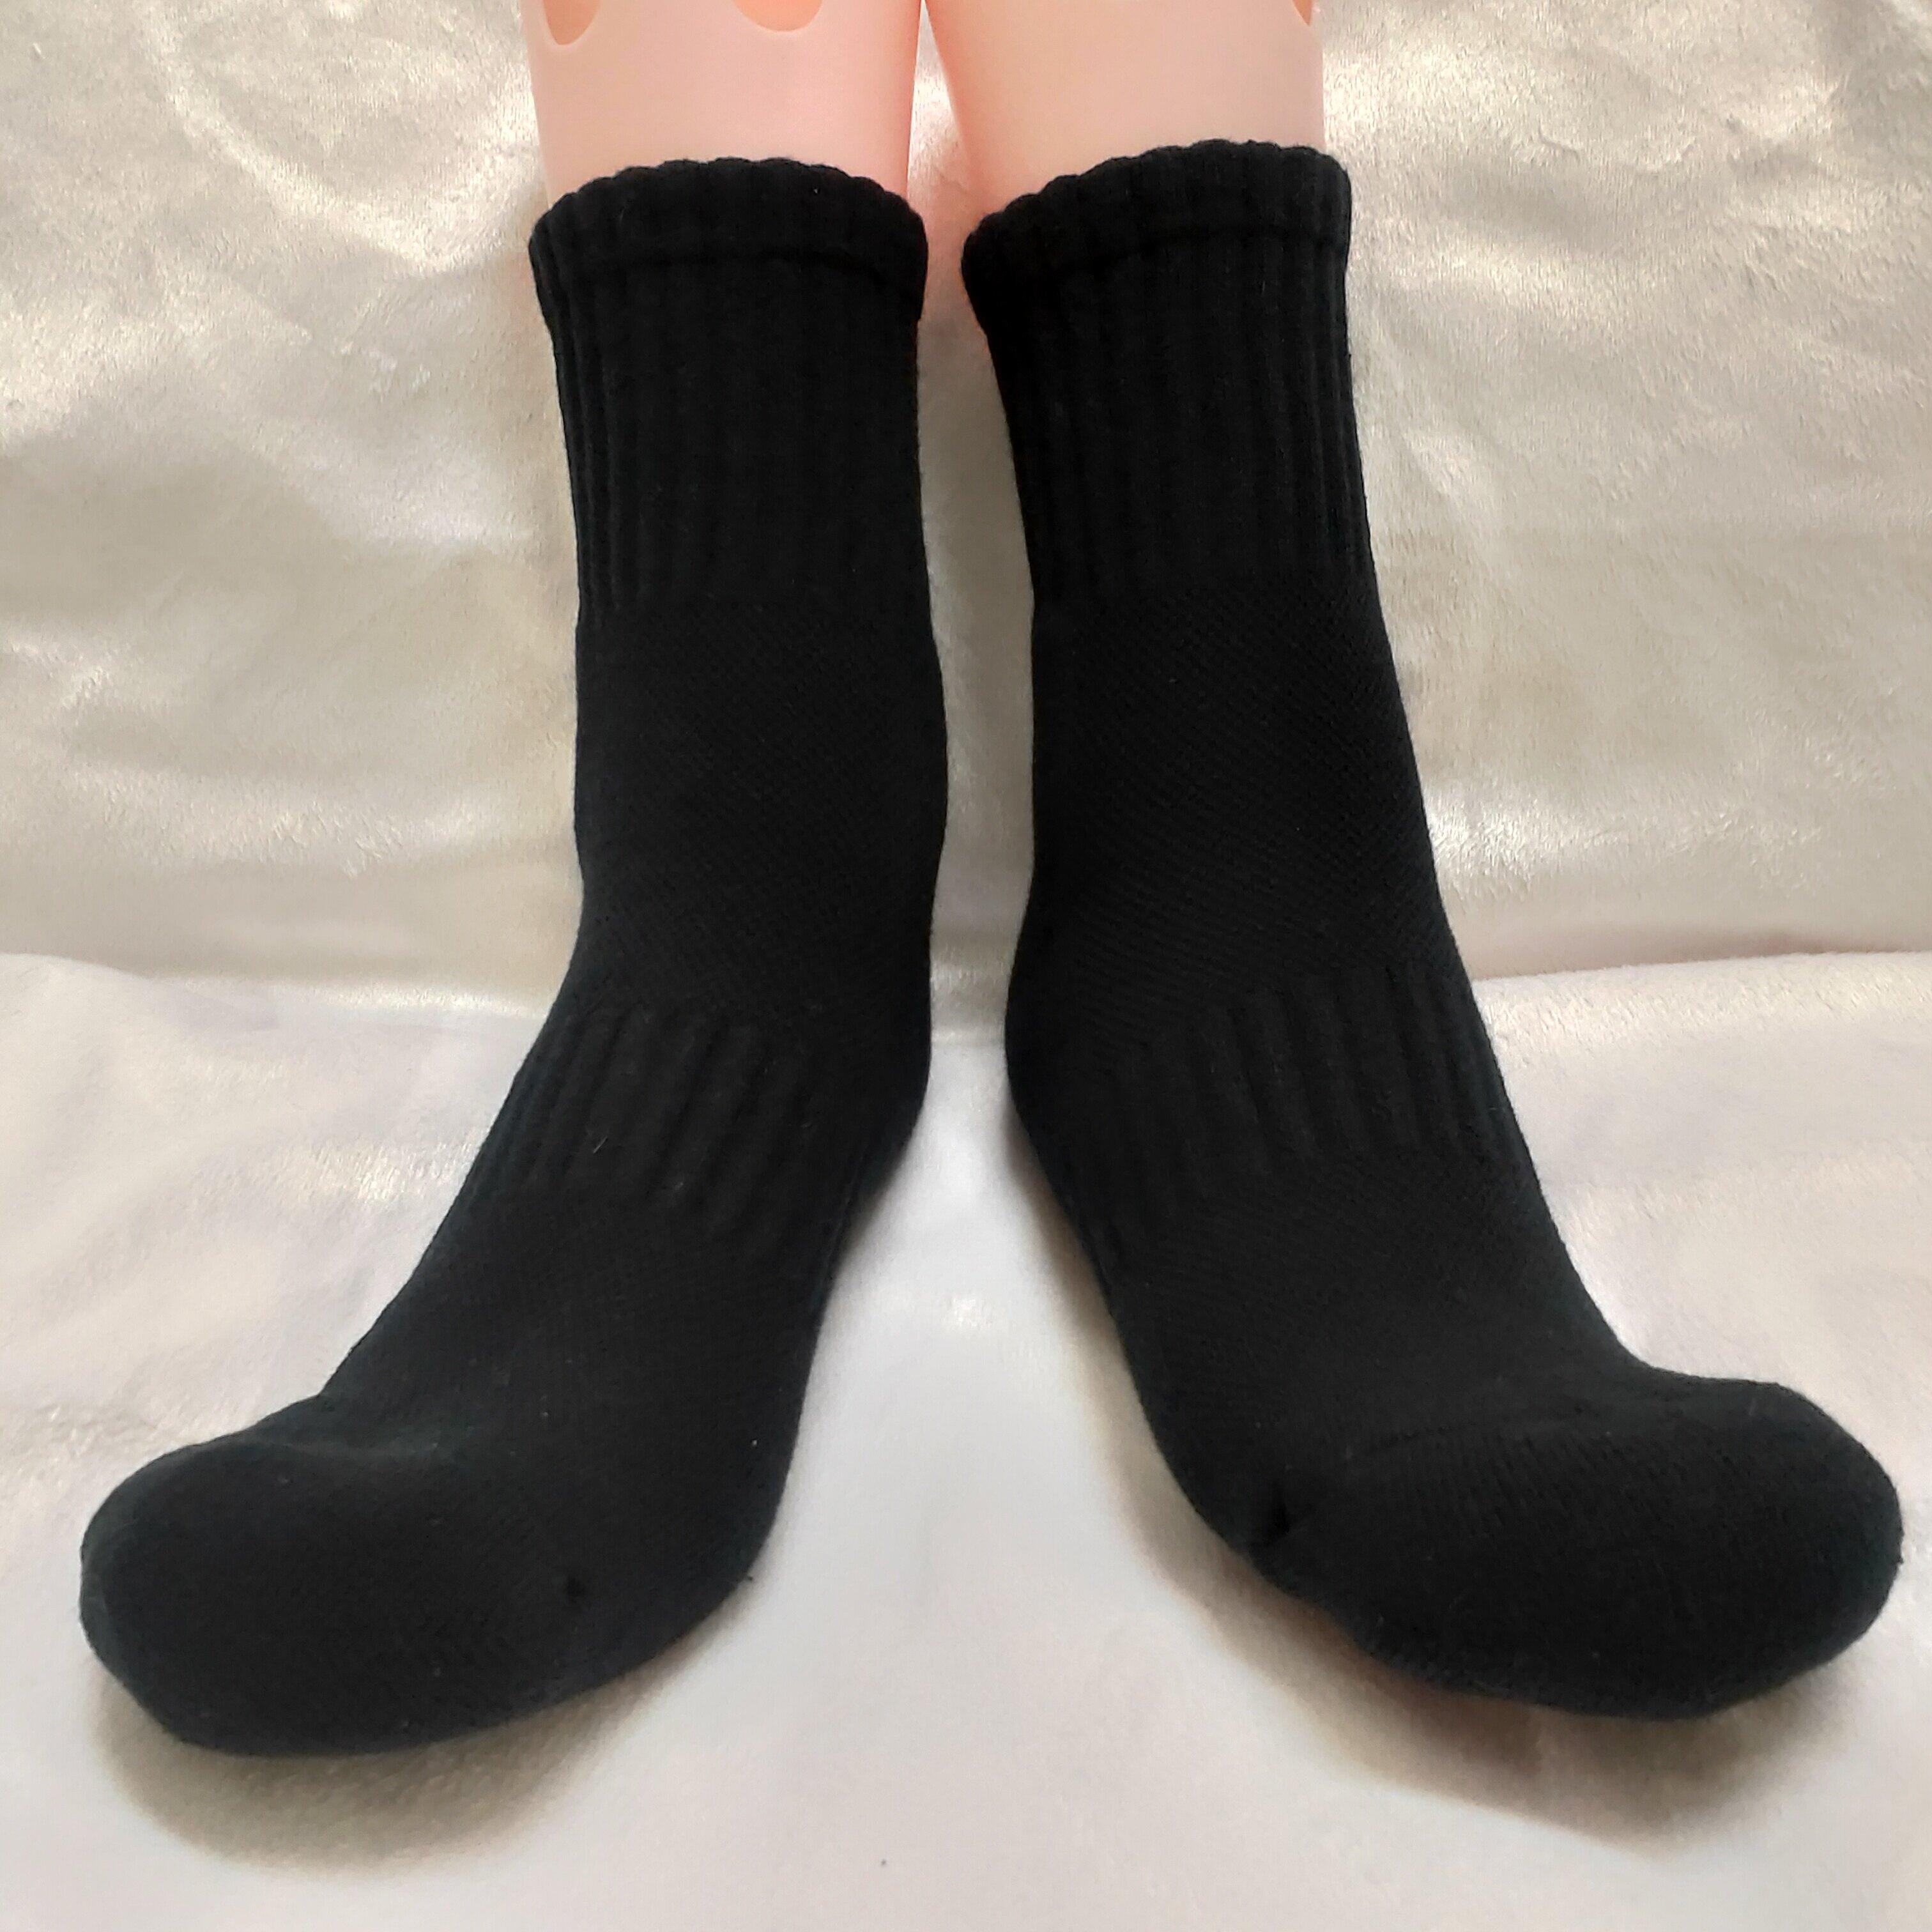 百立棉業 運動機能襪  登山 健走 久站 四倍厚底 彈力毛圈 透氣 運動襪 台灣製造